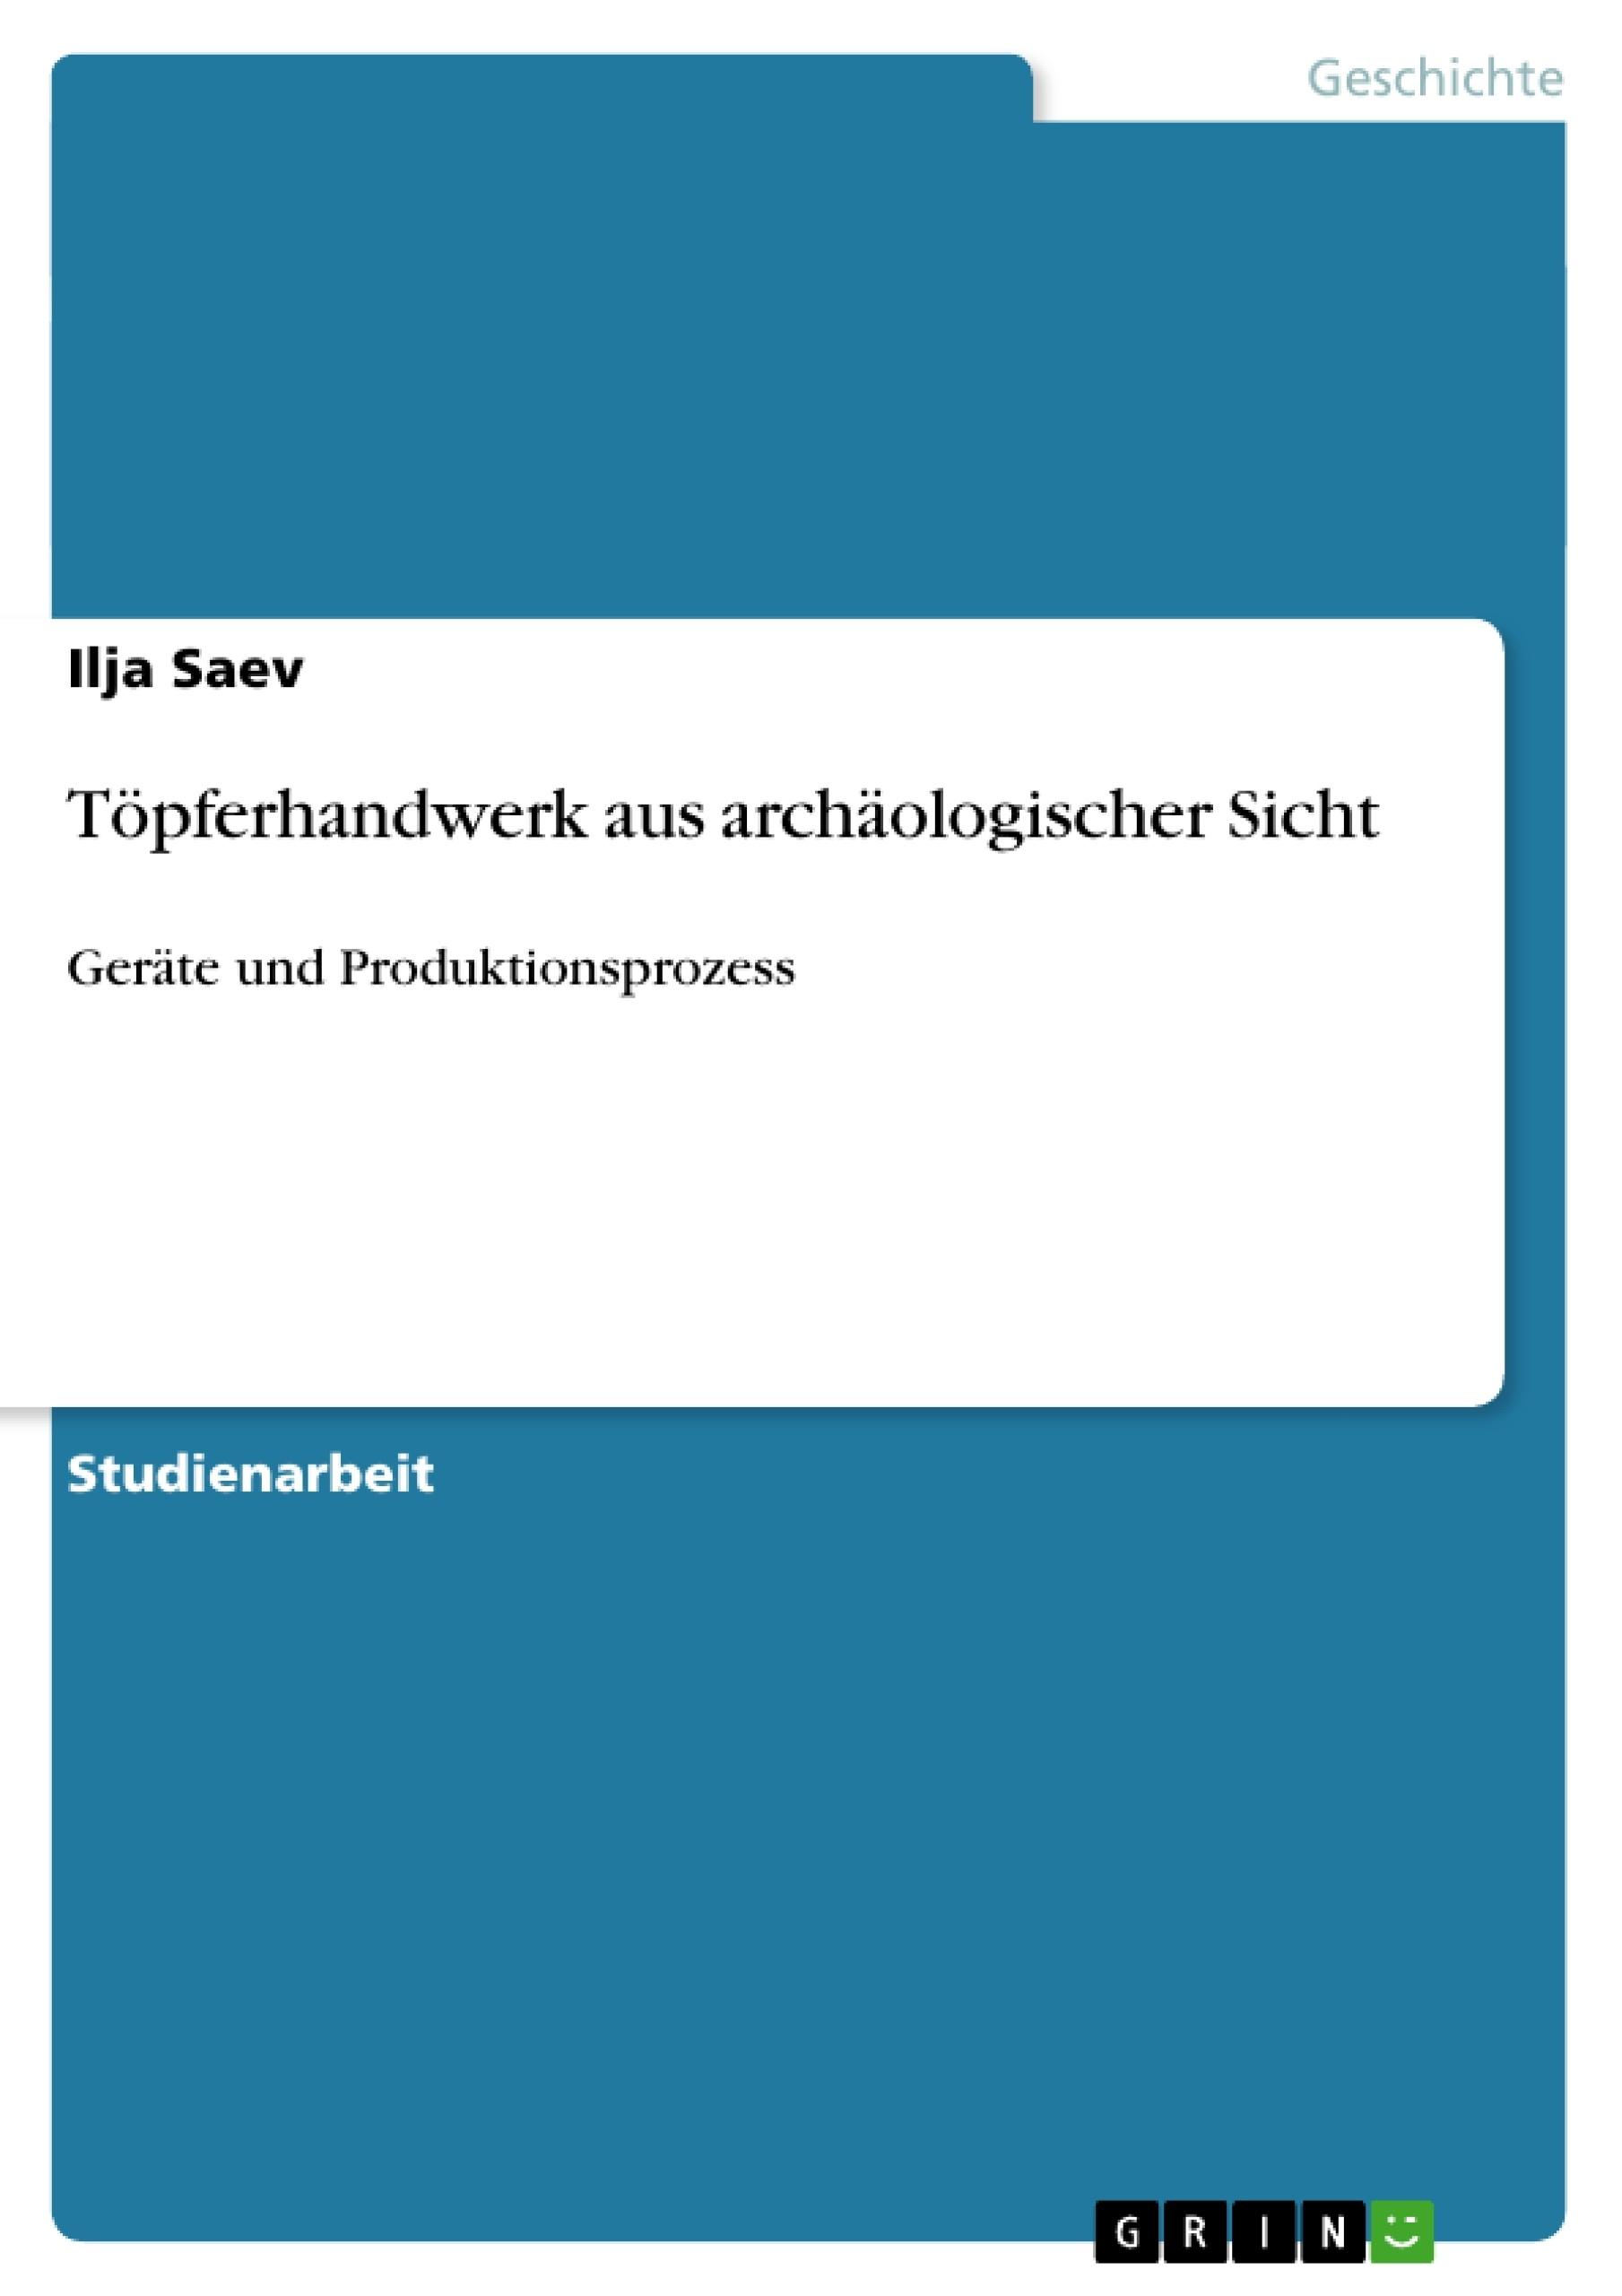 Titel: Töpferhandwerk aus archäologischer Sicht